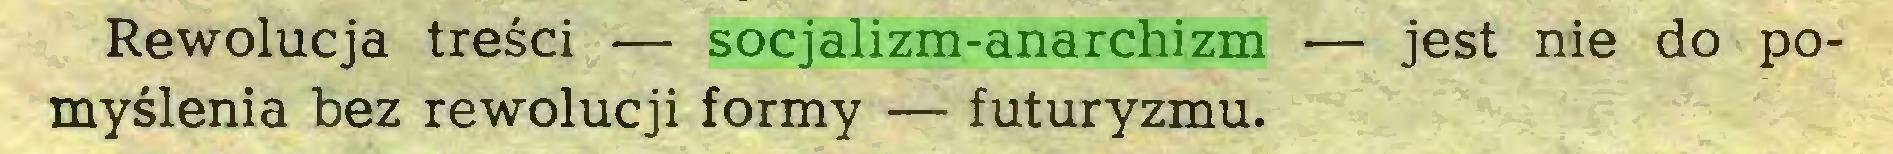 (...) Rewolucja tresci — socjalizm-anarchizm — jest nie do pomyslenia bez rewolucji formy — futuryzmu...